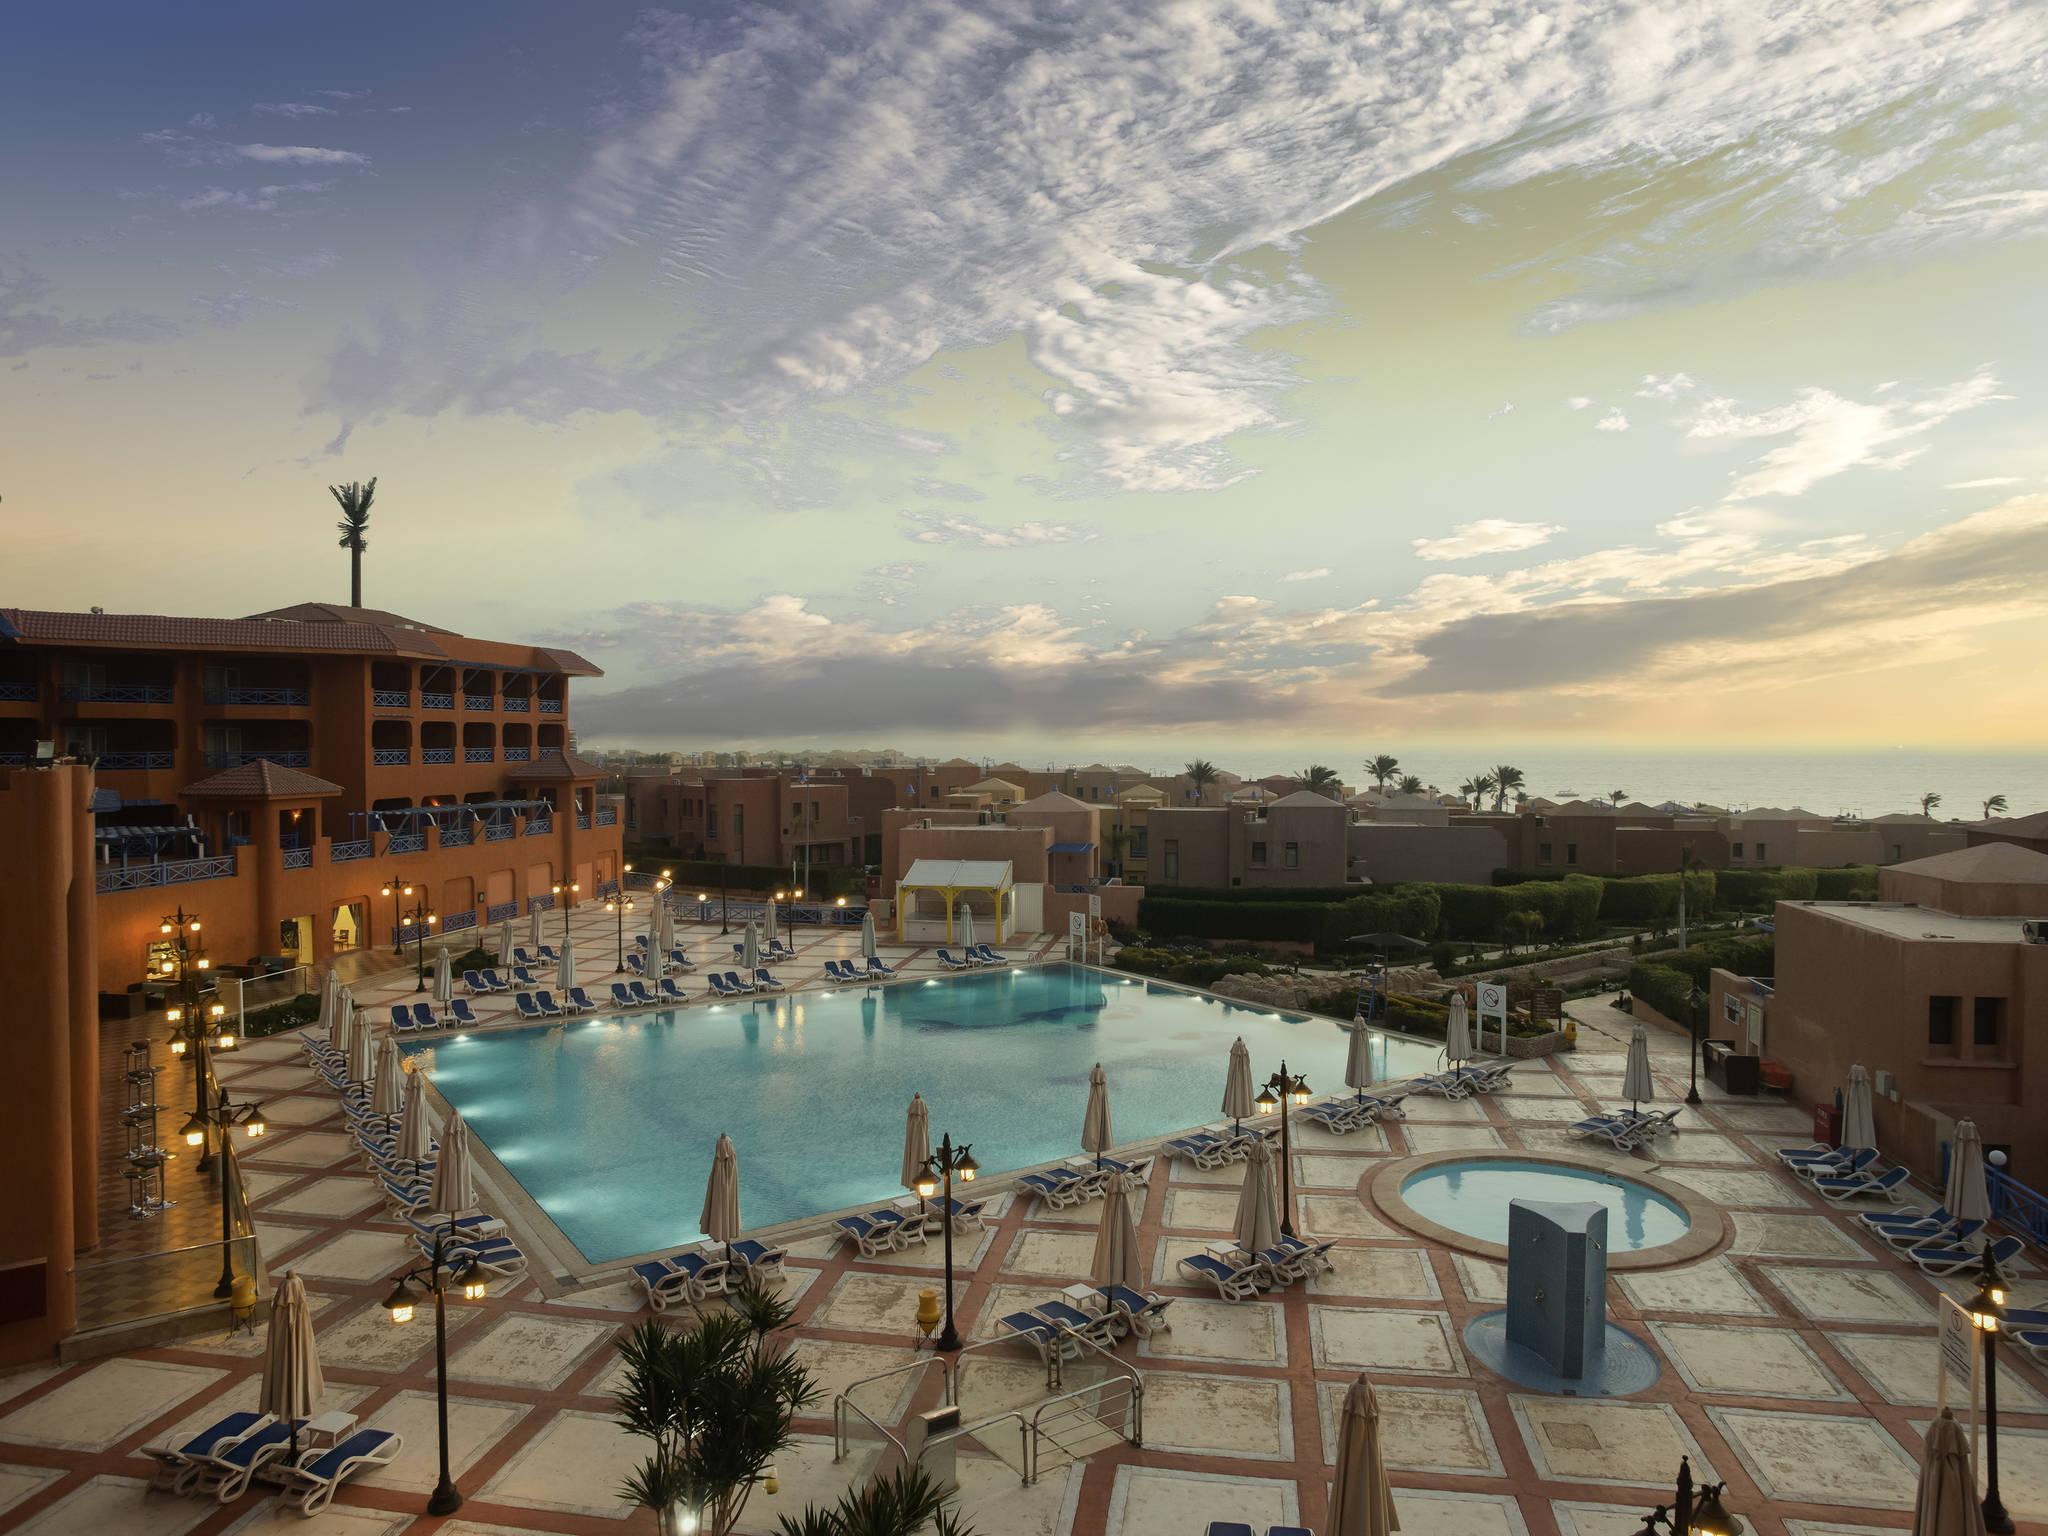 فندق - كانكون السخنة بإدارة Accorhotels